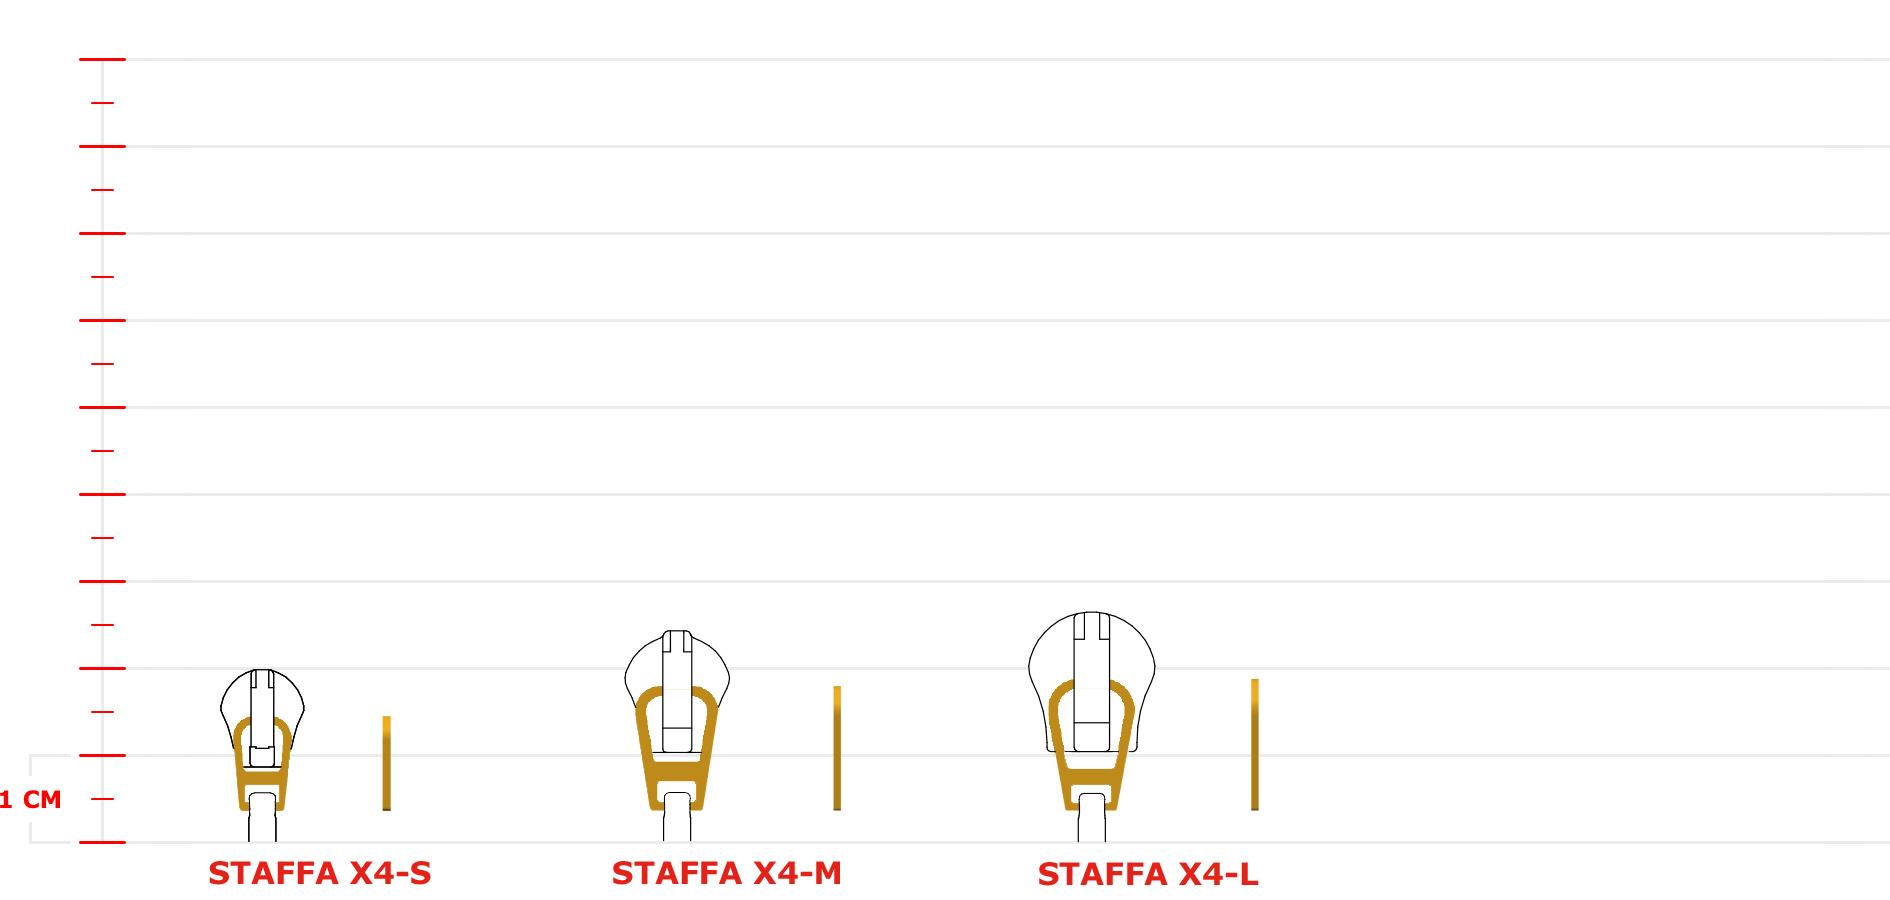 staffa-x4